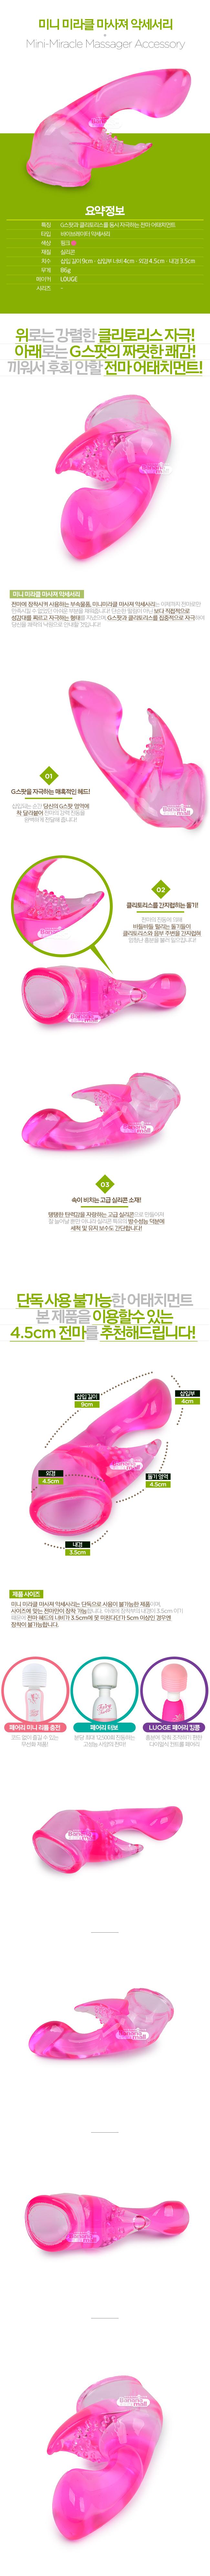 [전마 어태치먼트] 미니 미라클 마사져 악세서리(Mini-Miracle Massager Accessory) - LG-506